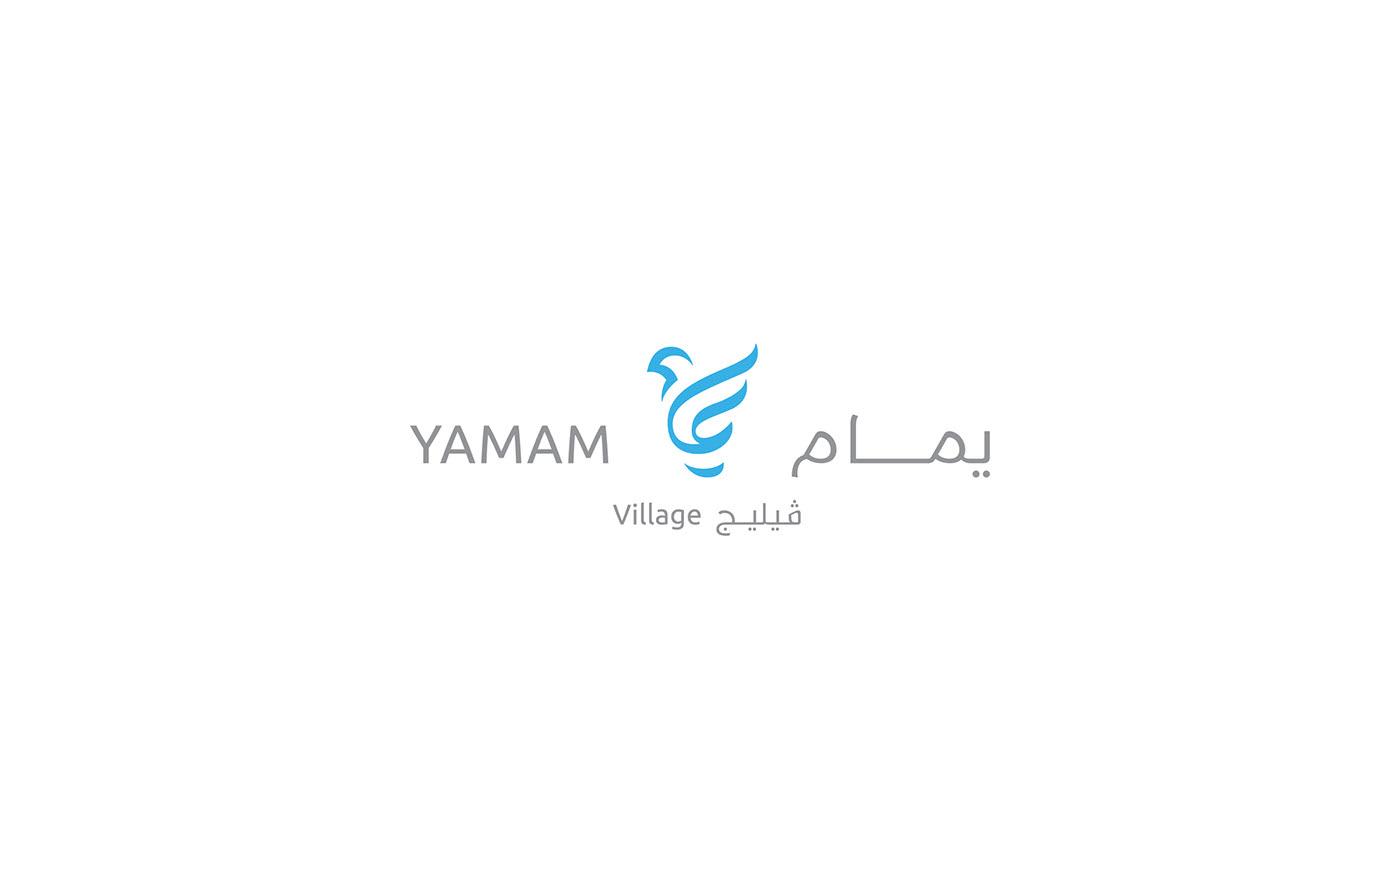 Yamam Village